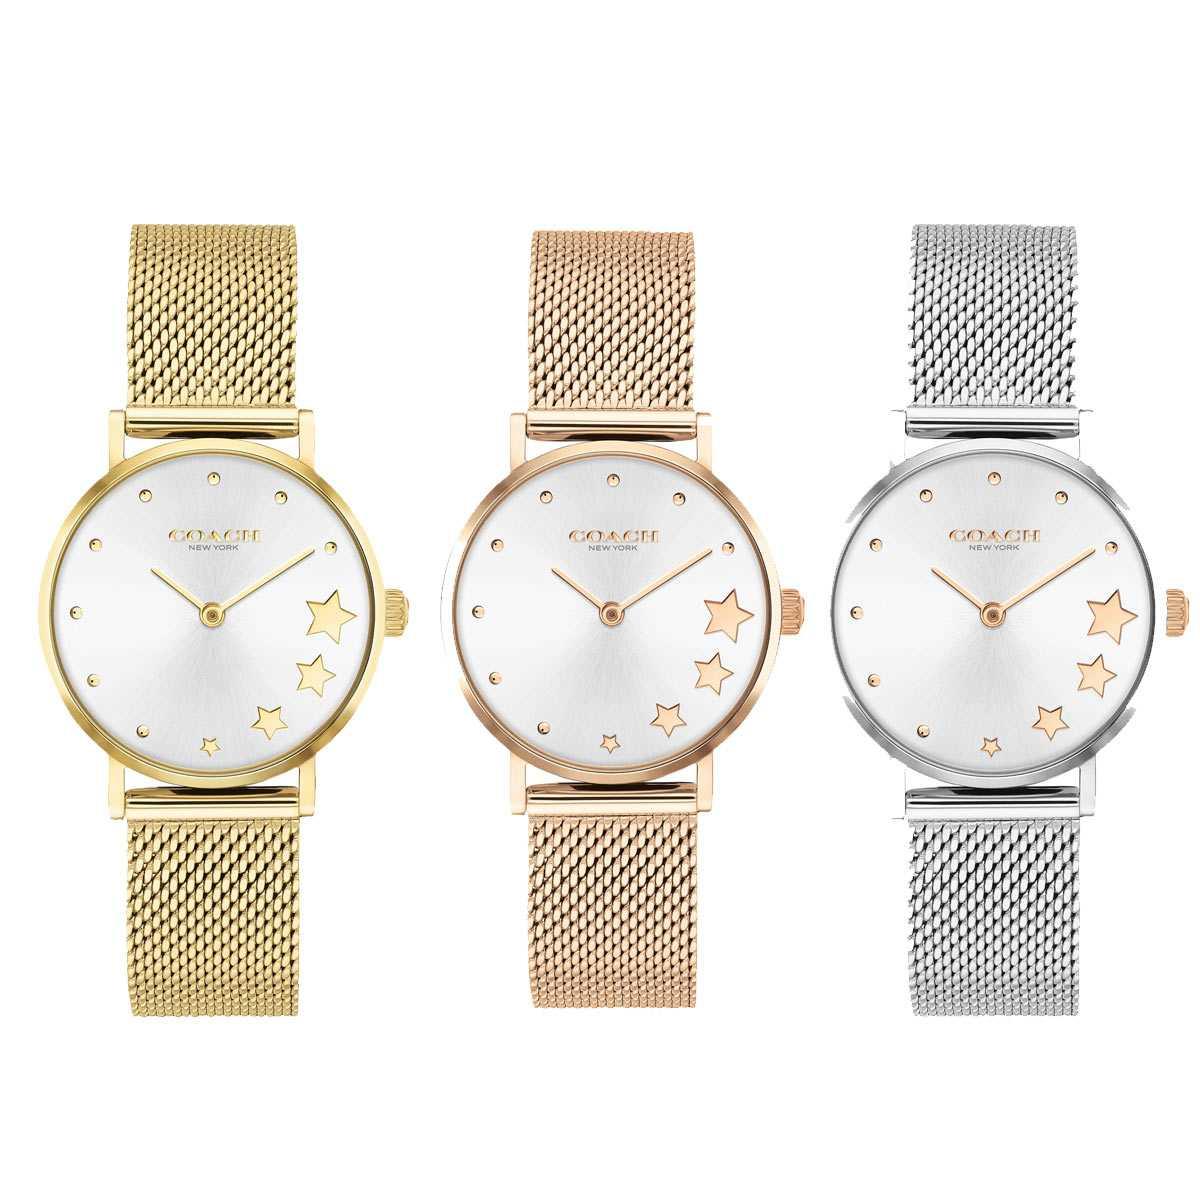 コーチ 腕時計 レディース ブランド 時計 かわいい COACH Perry 後払い 女性 ペリー お求めやすく価格改定 OUTLET SALE おしゃれ